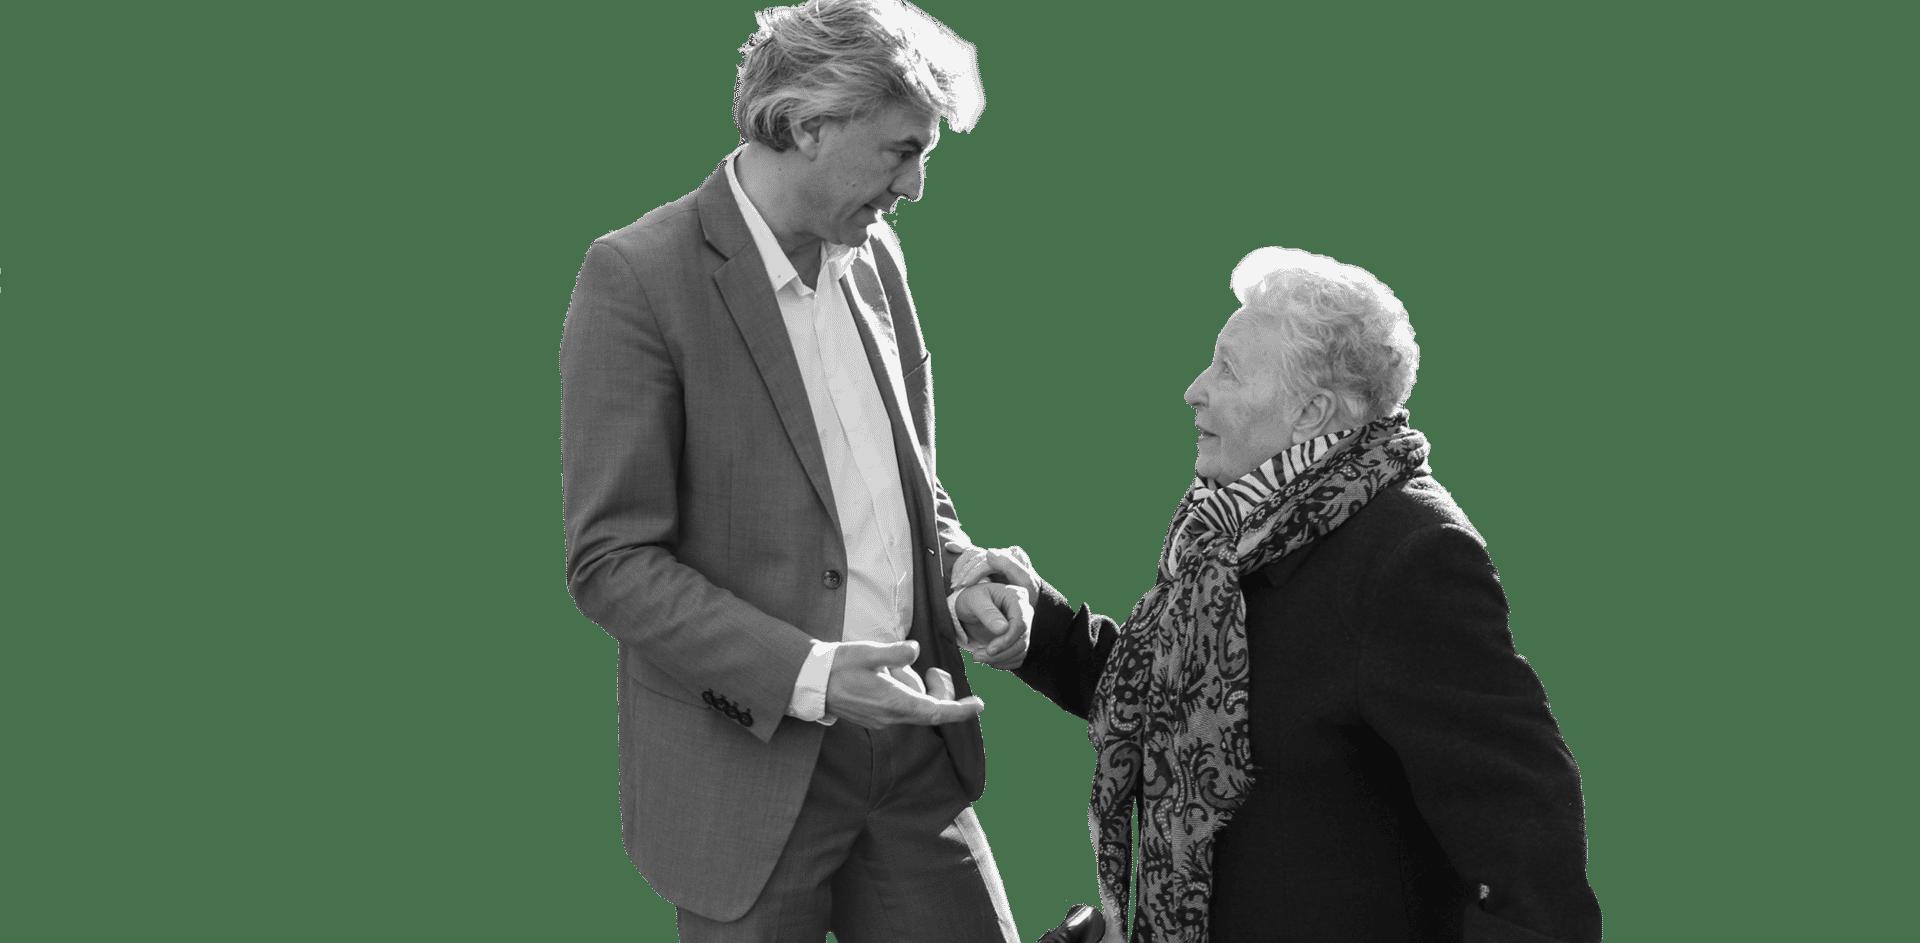 Stéphane & Georgette